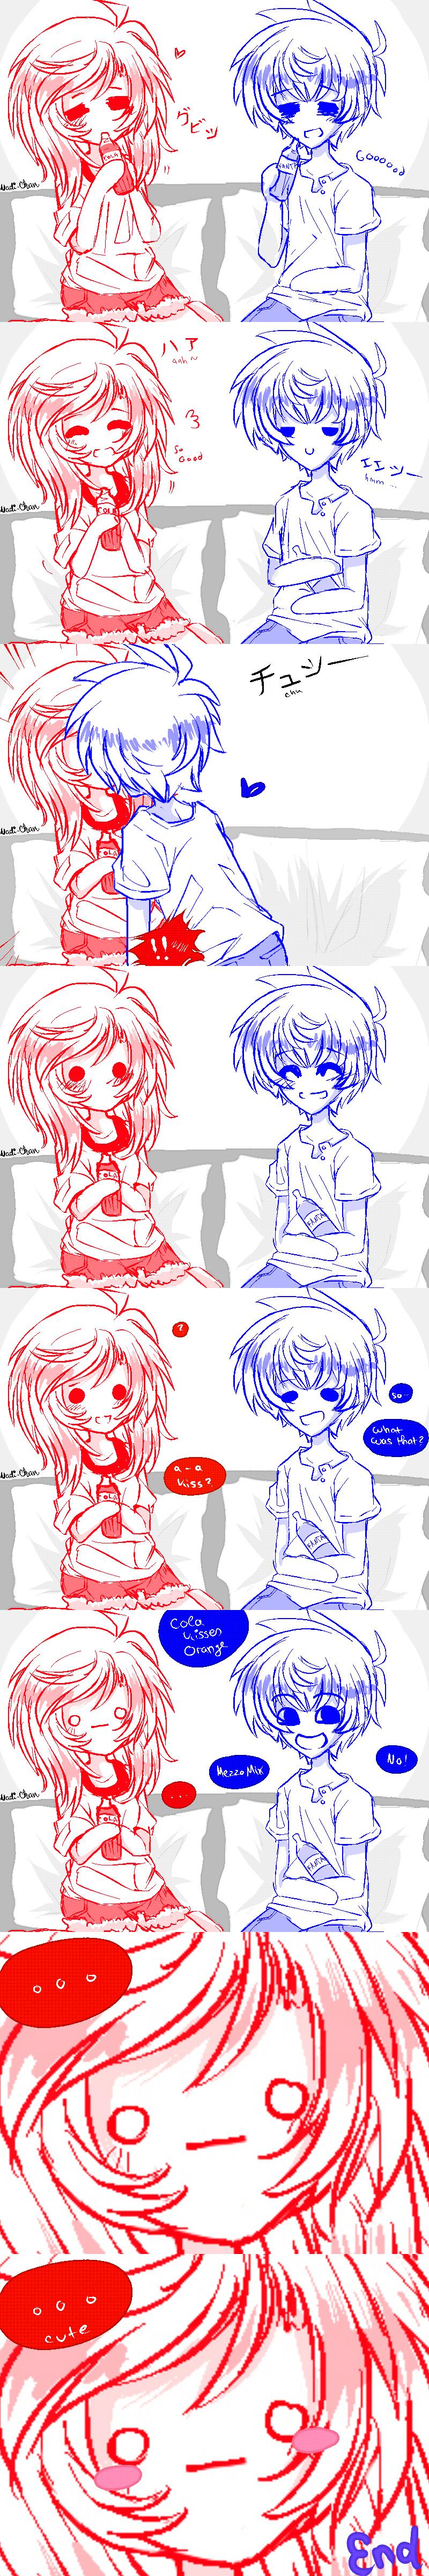 [Comic] Mezzo Mix! by Nadi-Chan